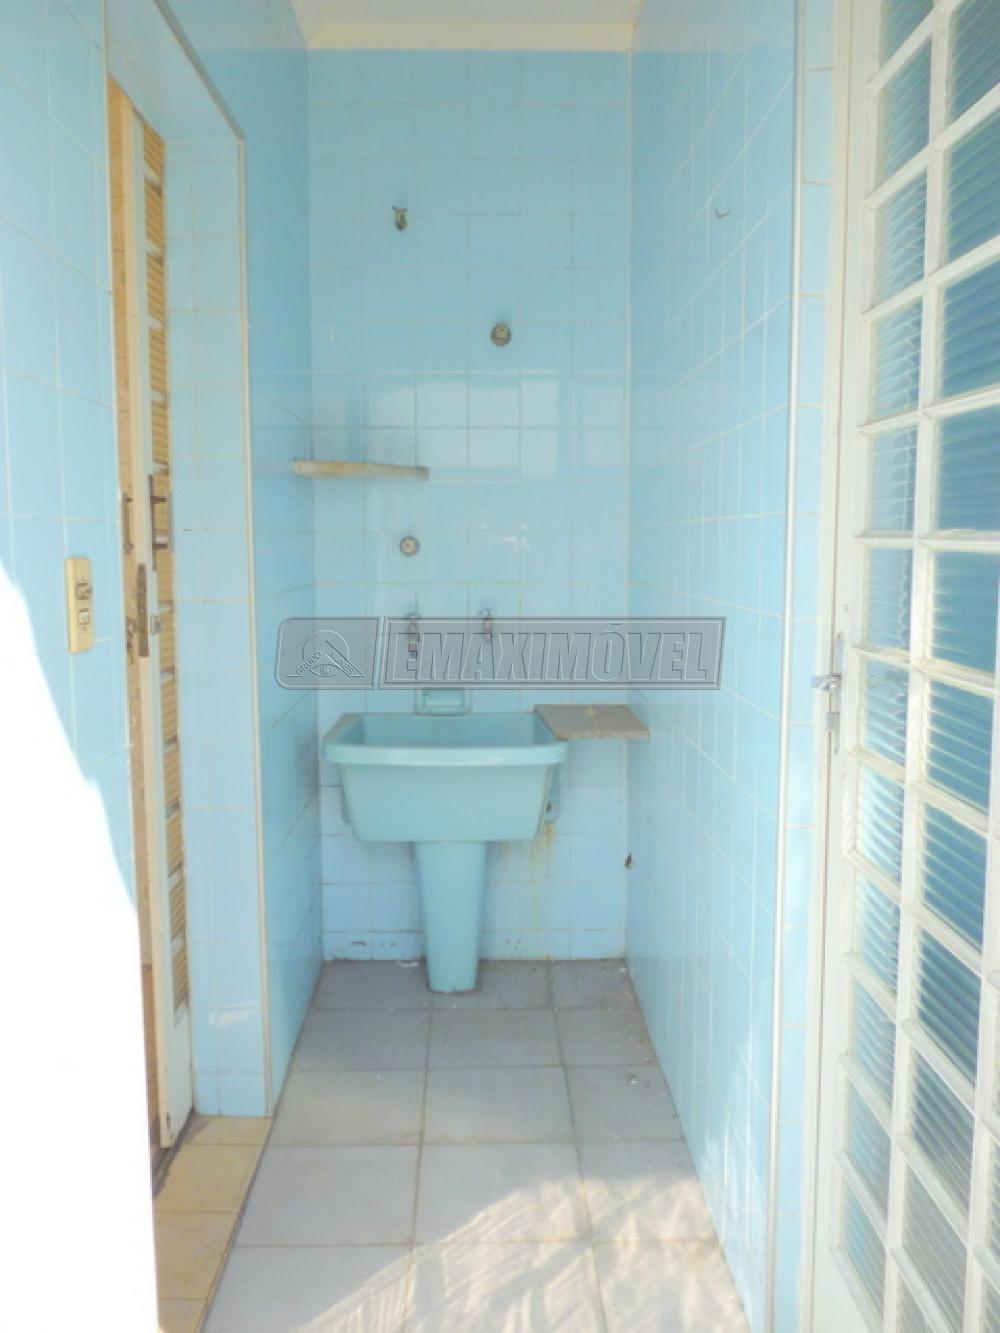 Comprar Salão Comercial / Negócios em Sorocaba R$ 1.950.000,00 - Foto 29